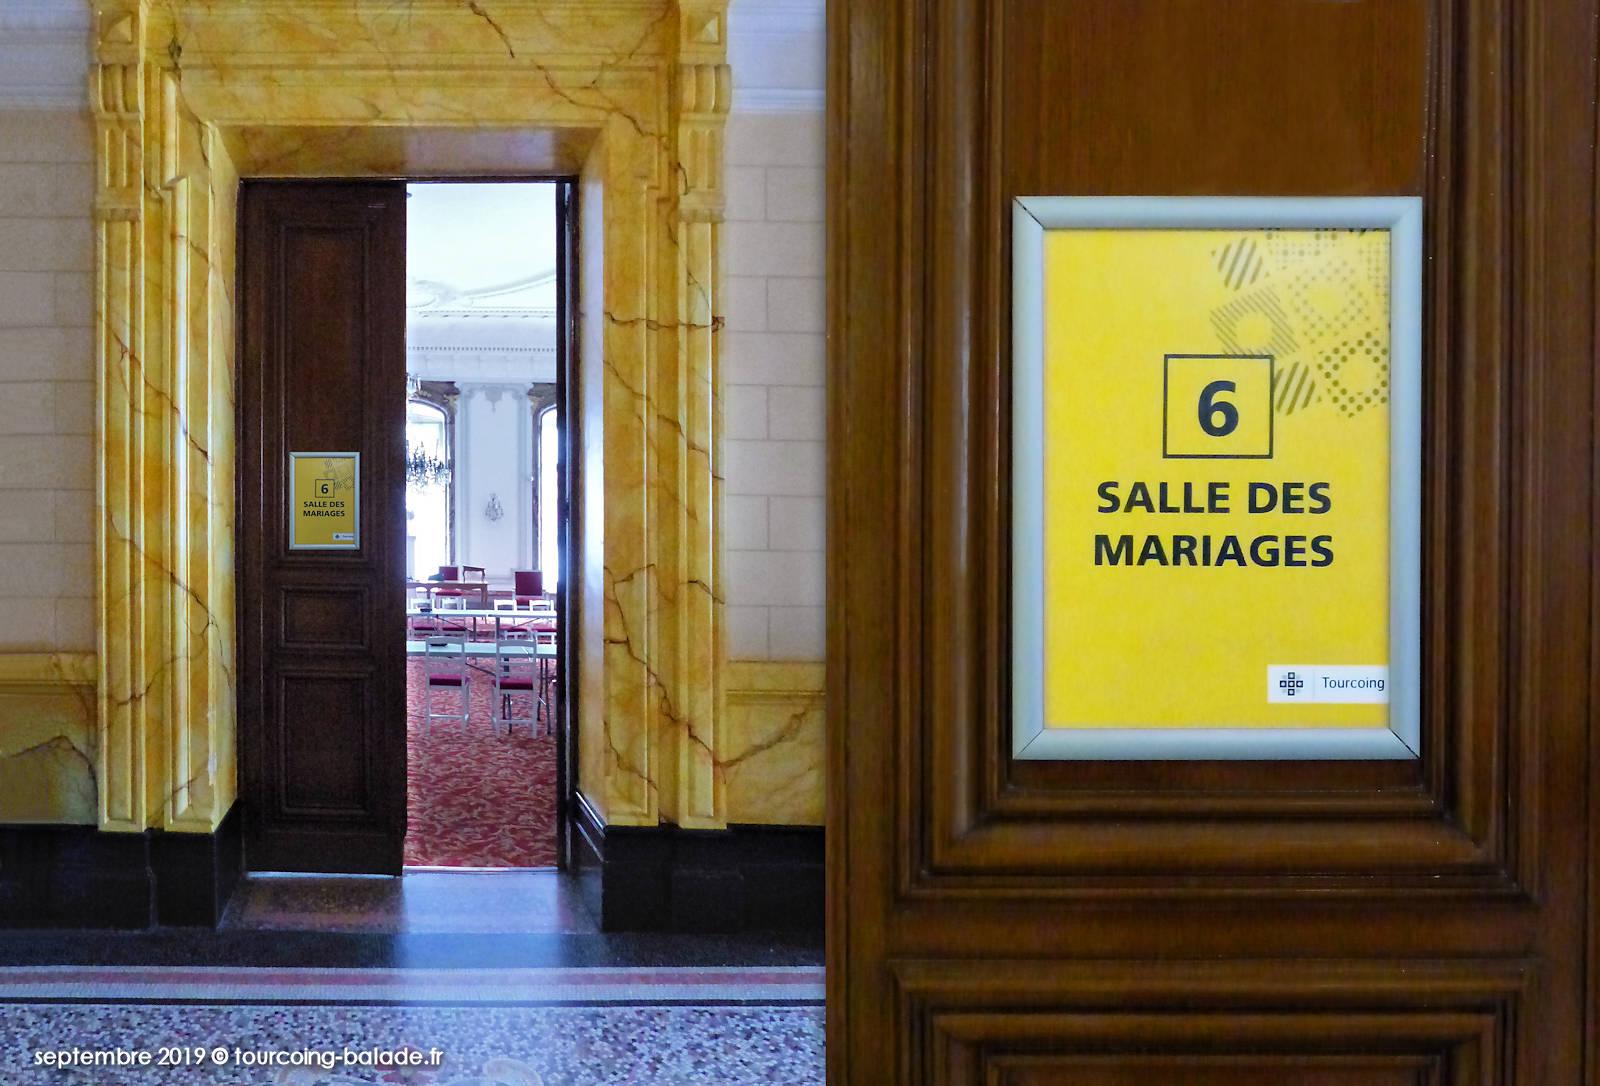 Salles des Mariages, Mairie Tourcoing - Porte d'entrée - 2019